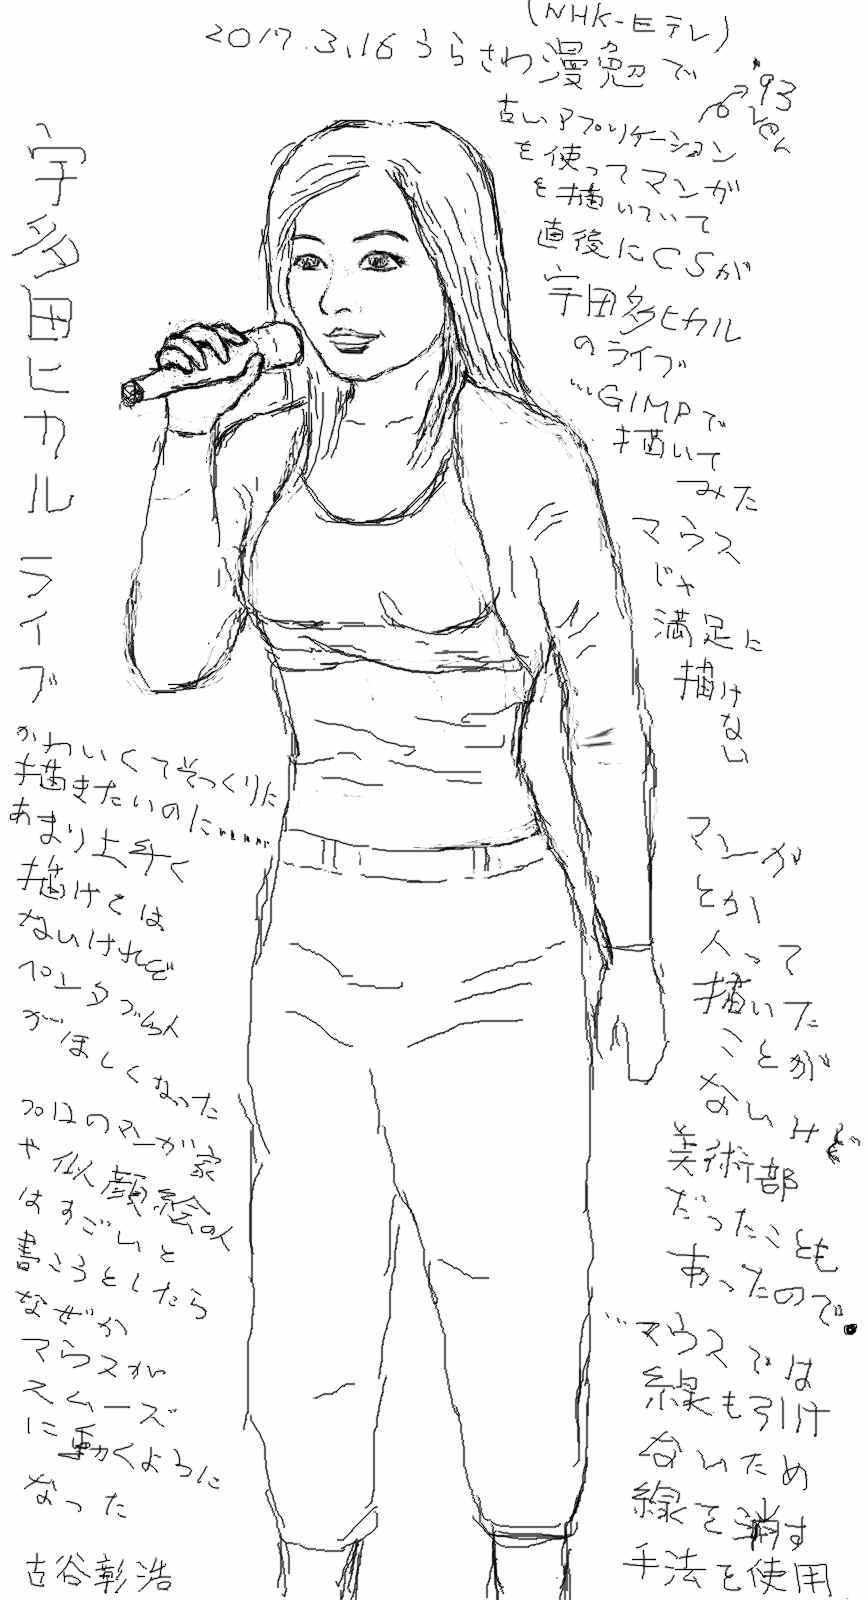 170316浦沢漫勉を見て、直後のMONの宇多田ヒカルを描いてみた-2